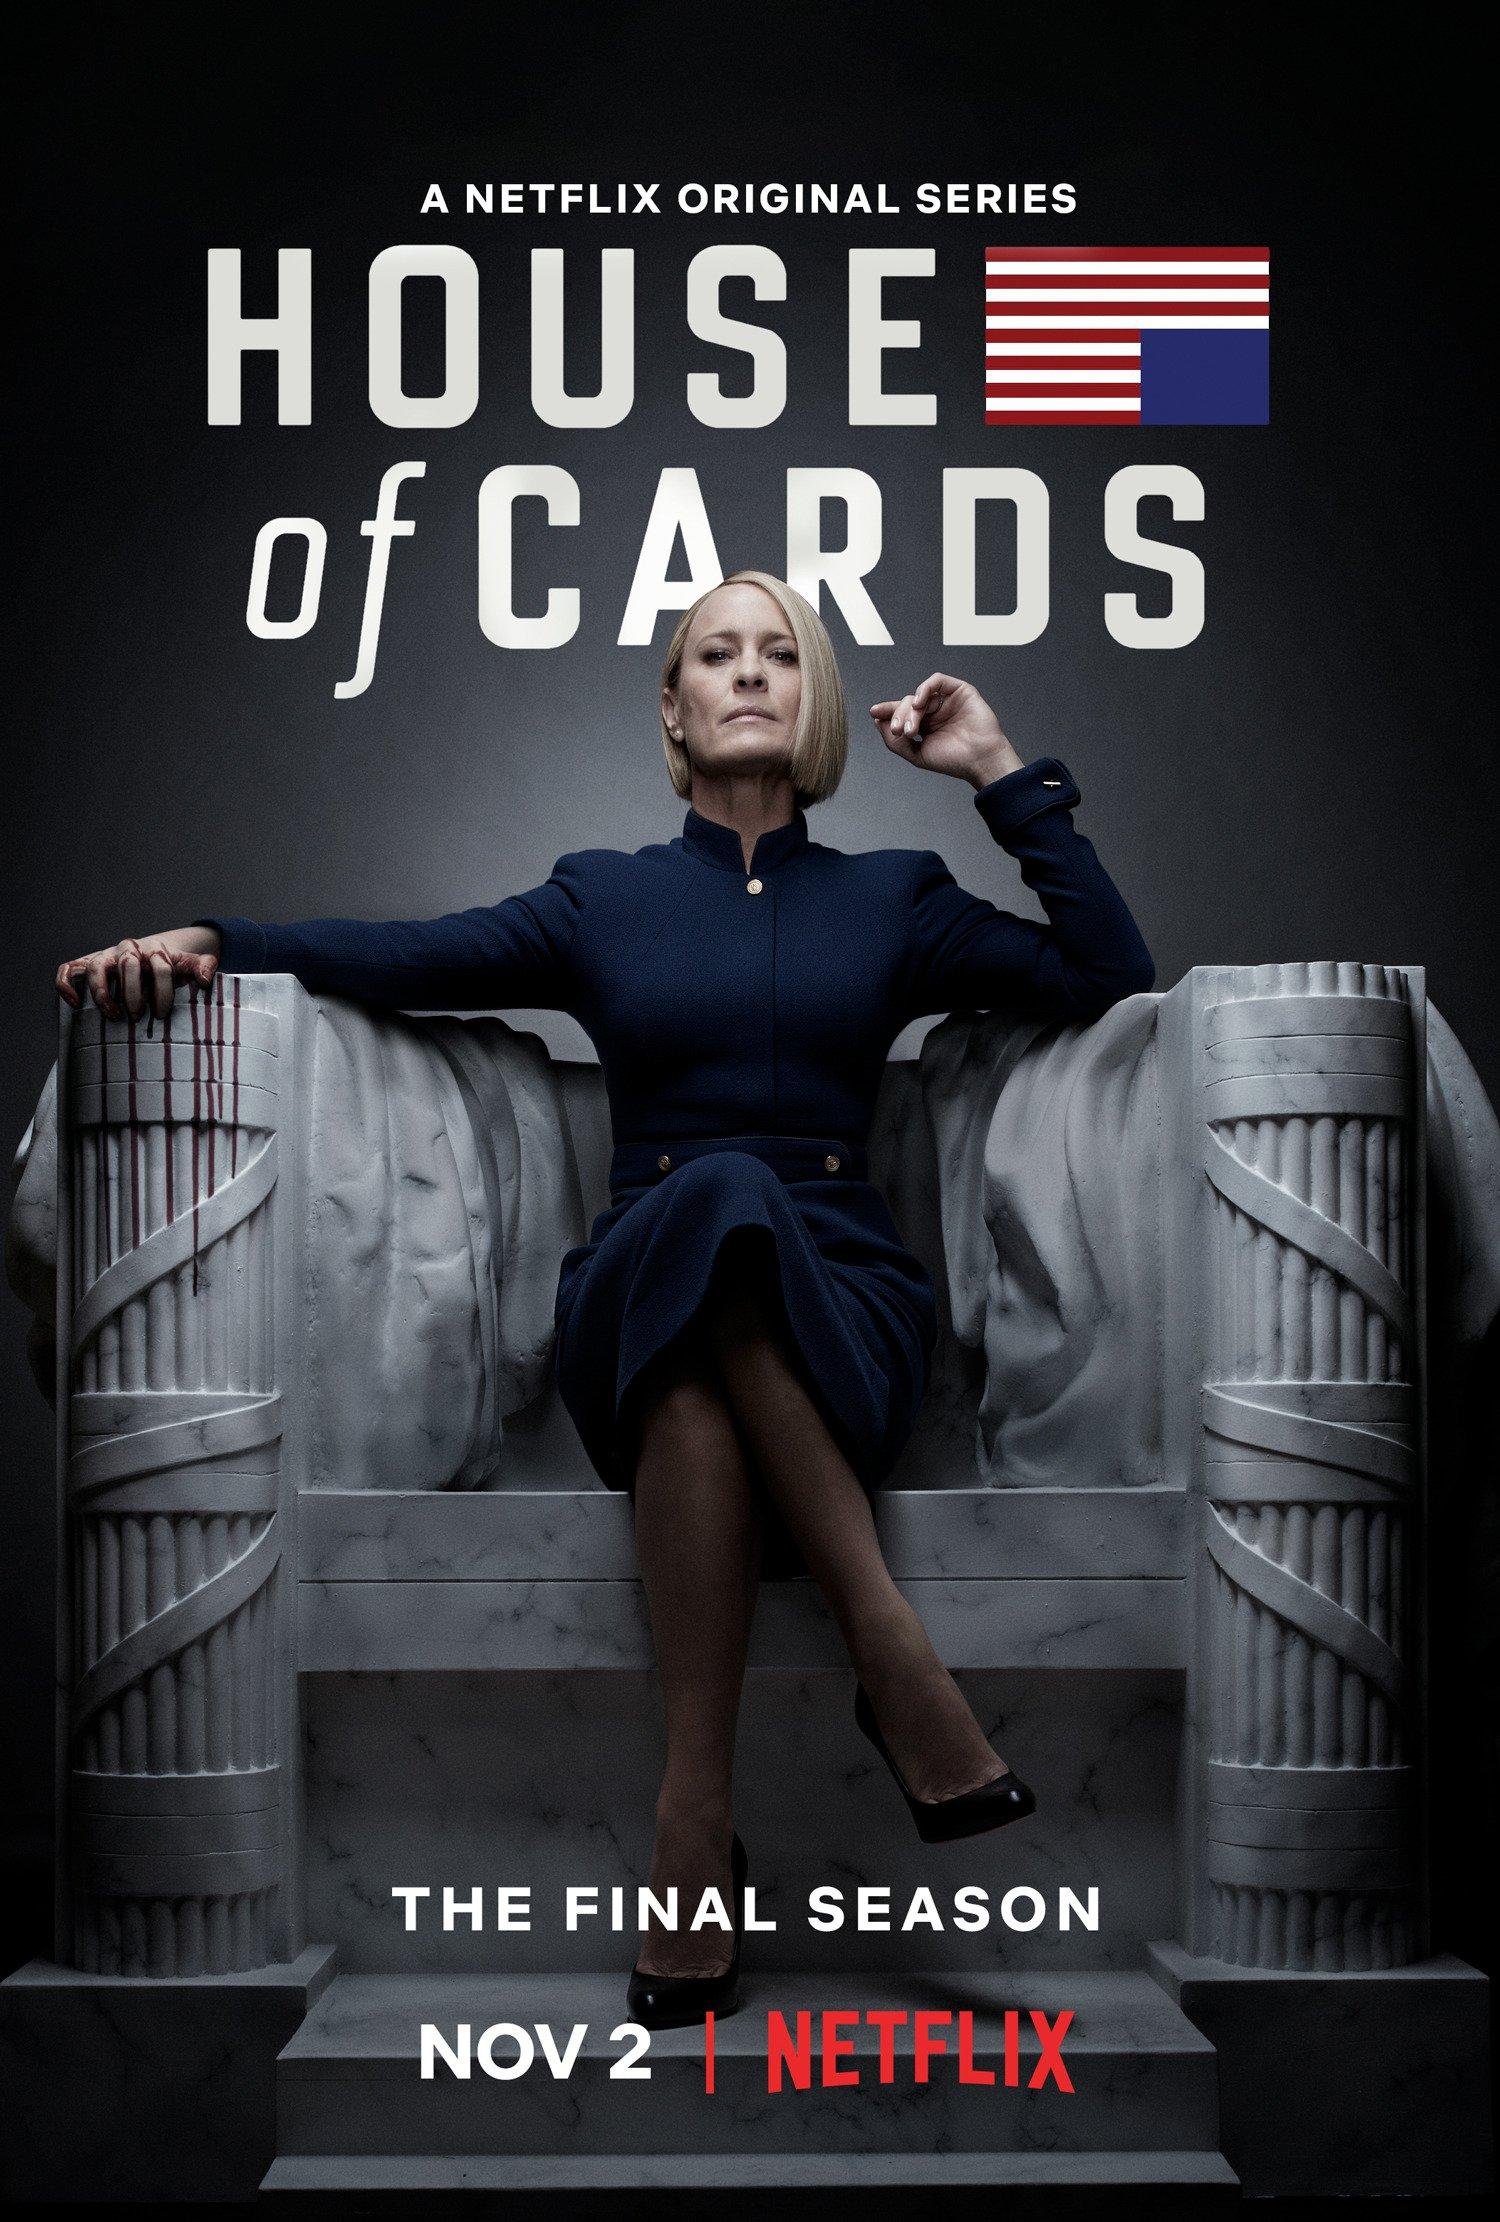 C'est dans le rôle de présidente des États-Unis que Robin Wright revient pour la sixième et dernière saison de la série culte House of Cards